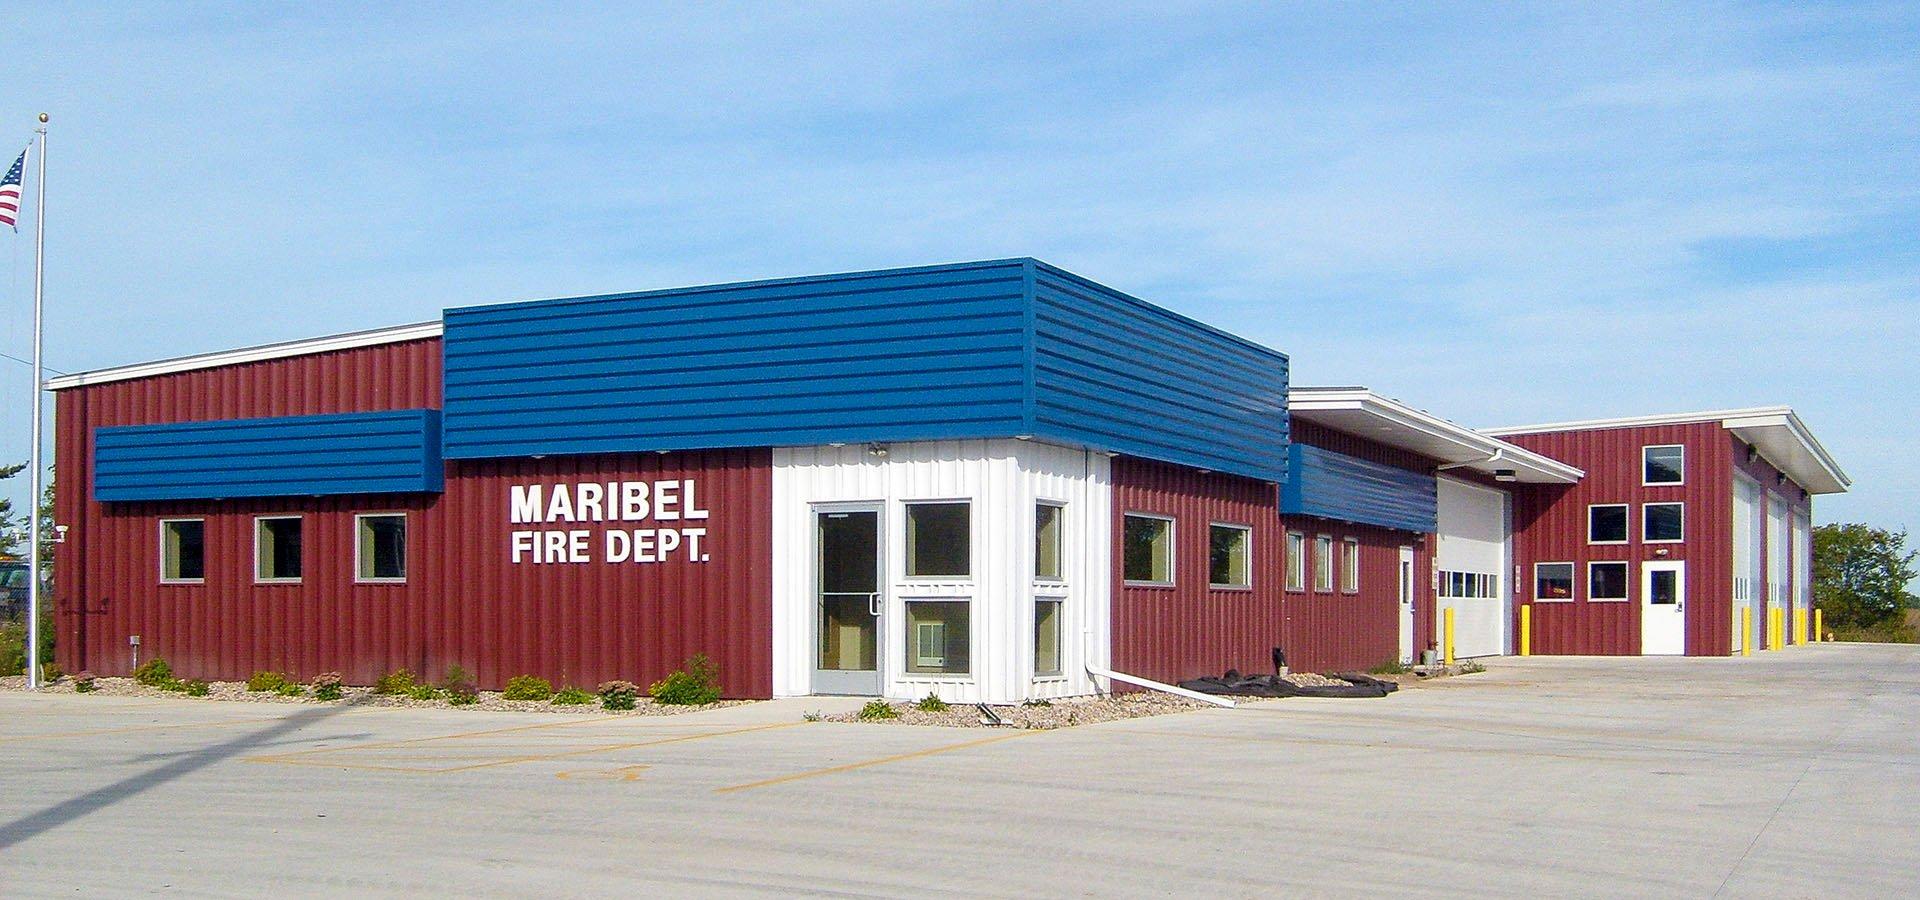 Maribel Fire Department   A.C.E. Building Service